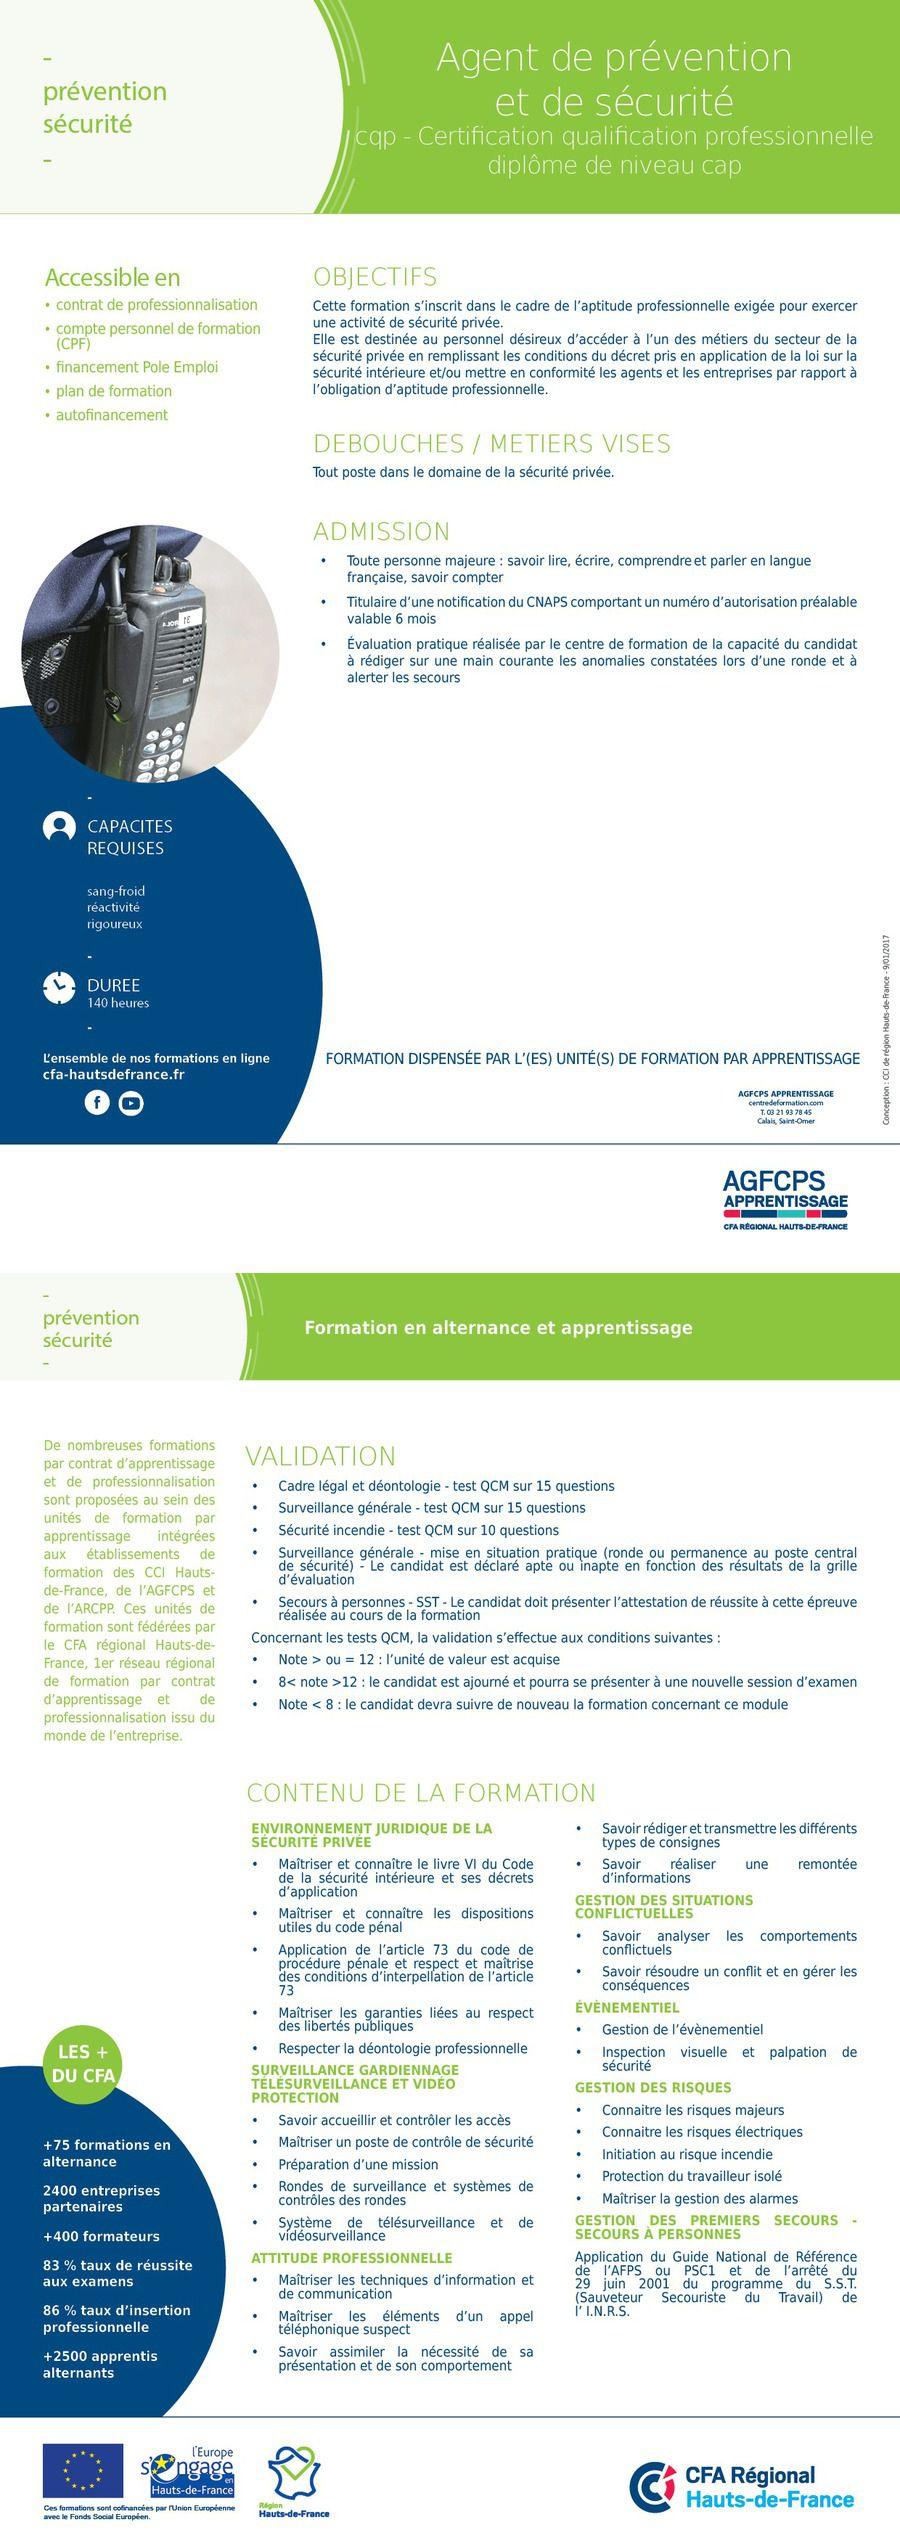 CQP (Contrat de qualification professionnelle) - AGENT DE PRÉVENTION ET DE SÉCURITÉ